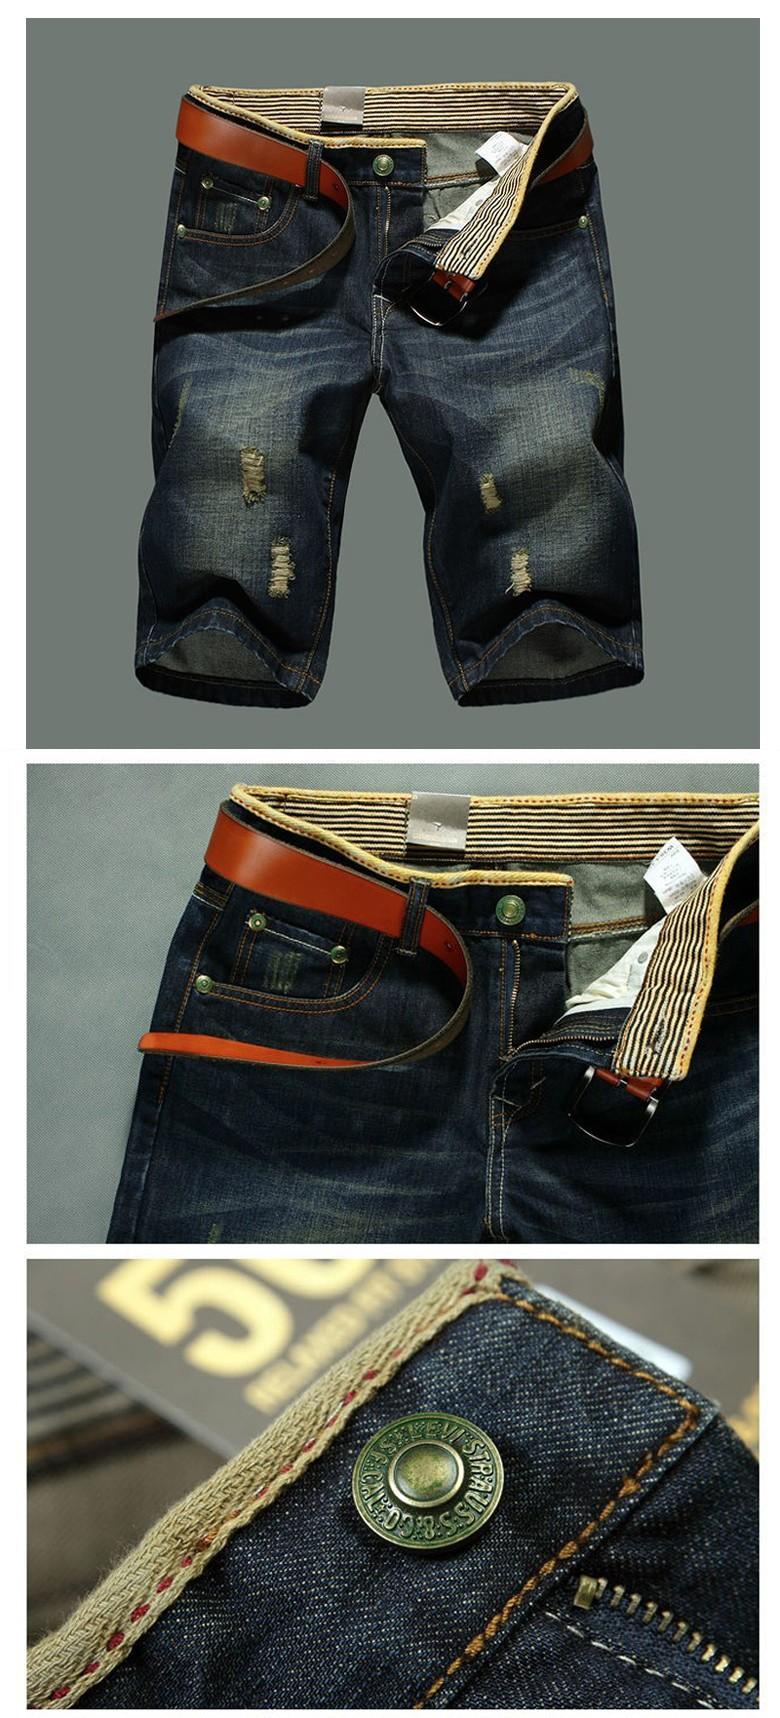 2017 Men Shorts Plus Size 38 New Brand Summer Men Jeans Shorts Fashion Designers Shorts Cotton Jeans Men\`s Slim Jeans Shorts3